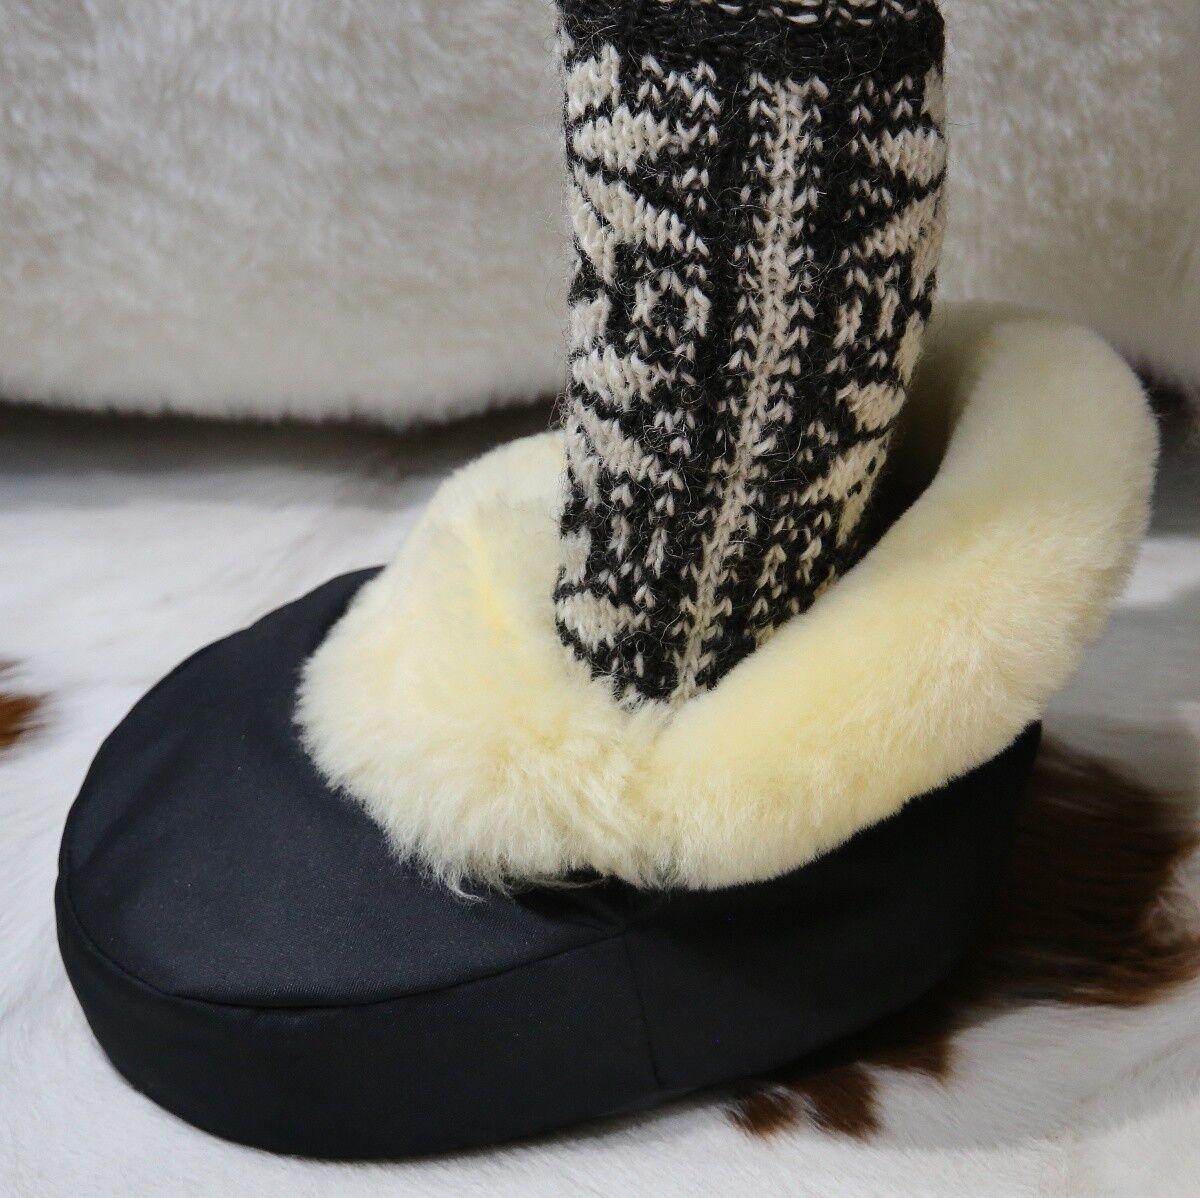 Agnello-fusswärmer natura sacco per per per i piedi si fonda ceneri Lammfell SCARPA VARI ColoreeeI | Prima il cliente  | Scolaro/Signora Scarpa  45f6fc